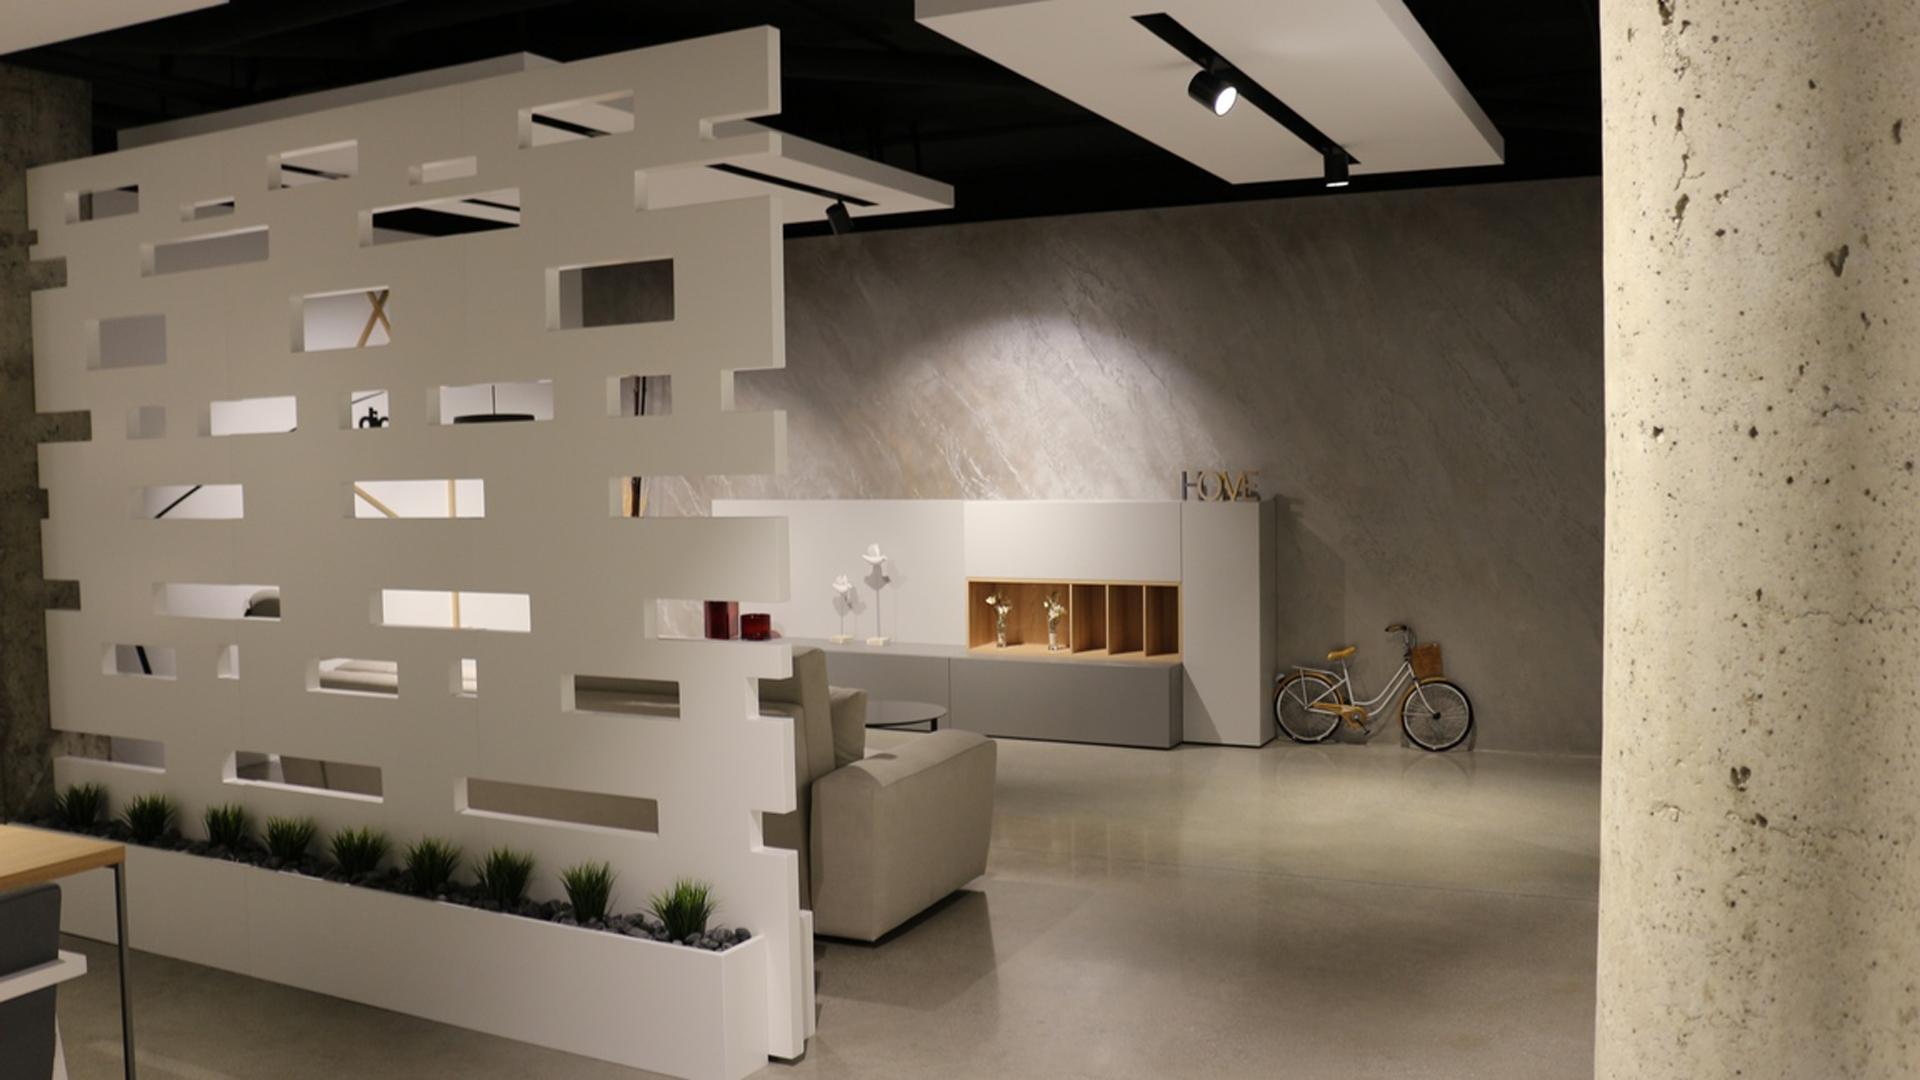 Estudio de cocinas y dise o de interiores en baza y - Diseno interiores granada ...